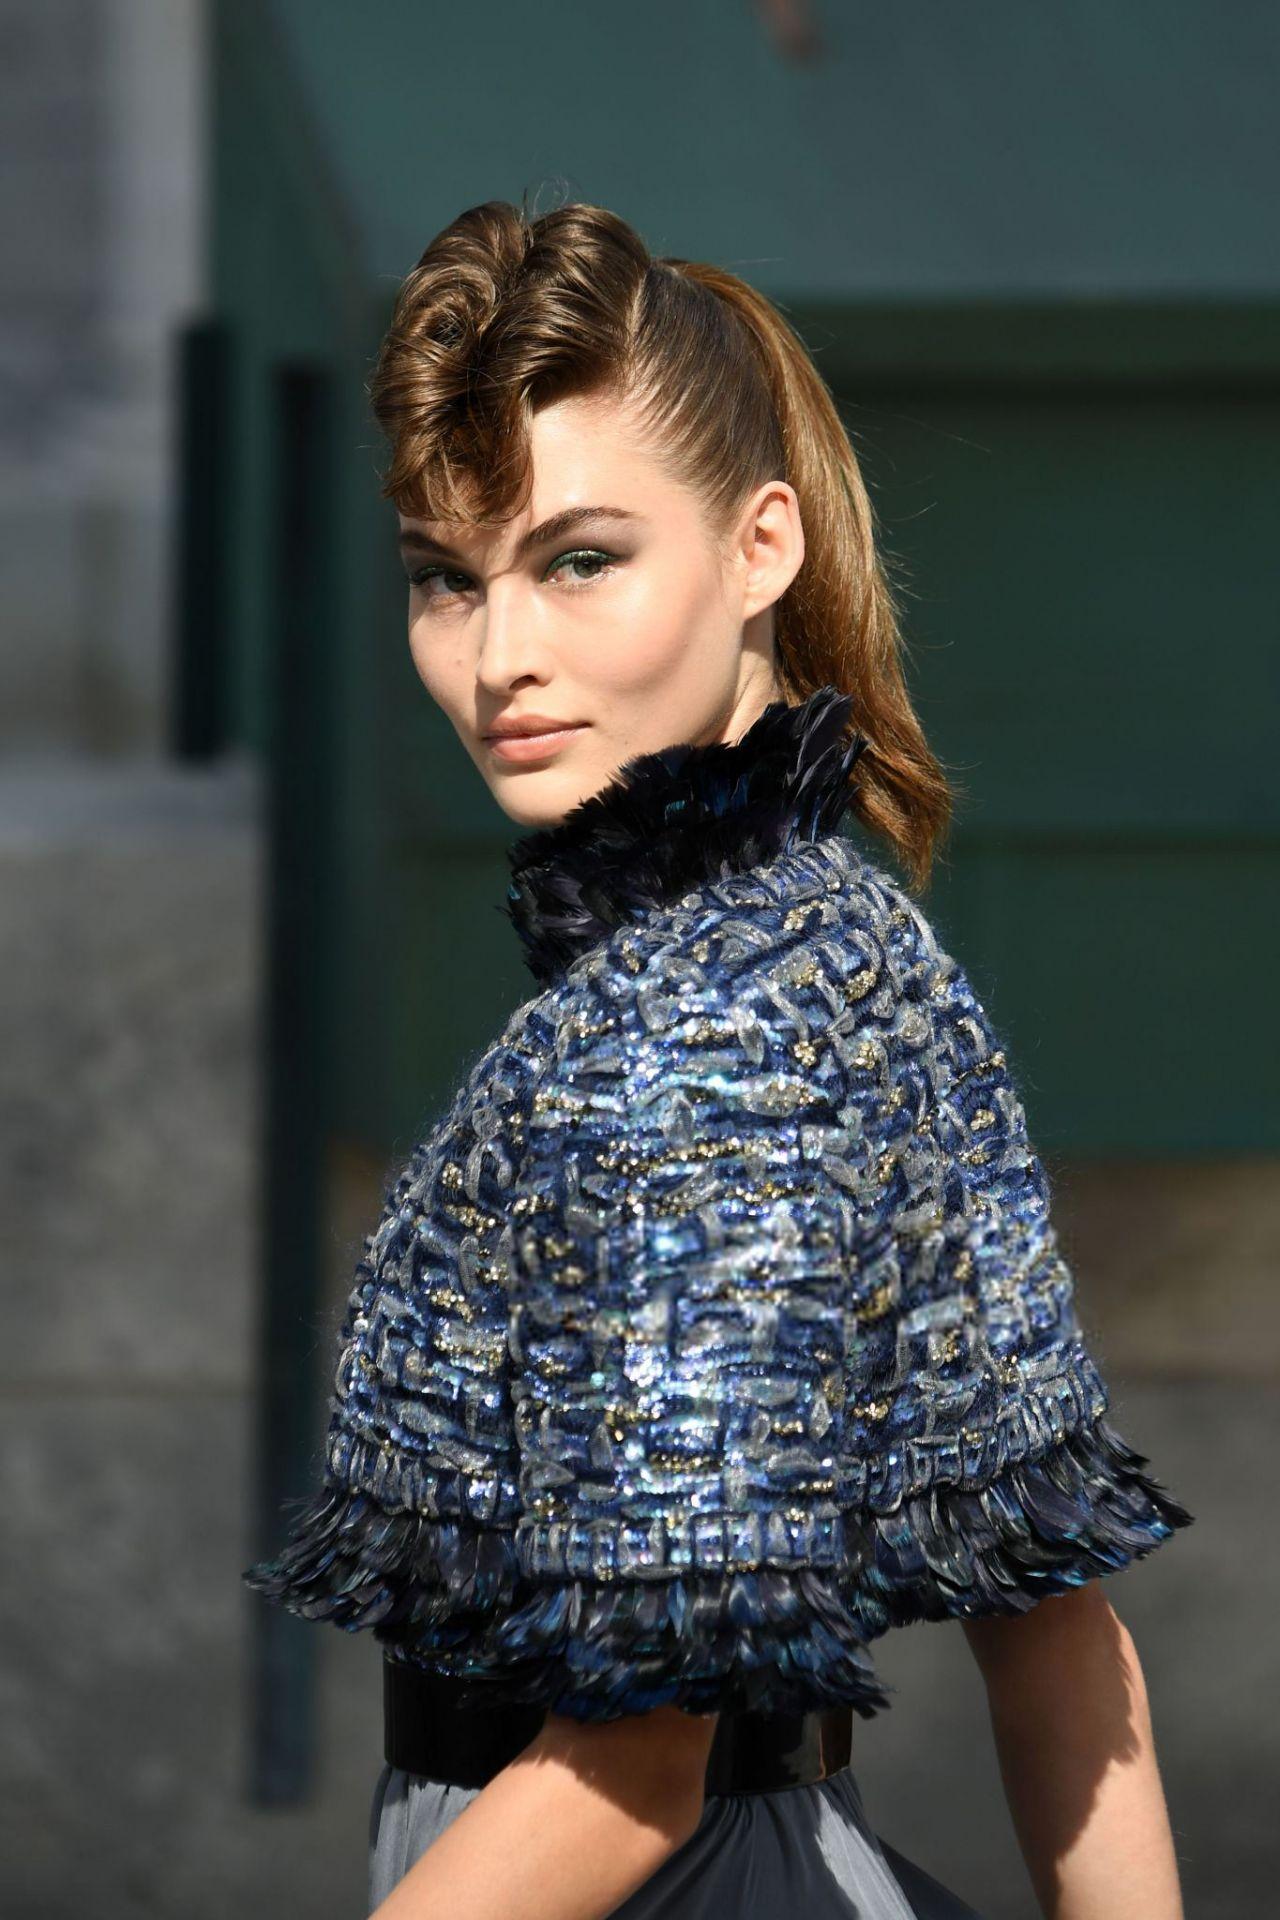 chanel elizabeth grace couture paris haute walking fw week fall winter